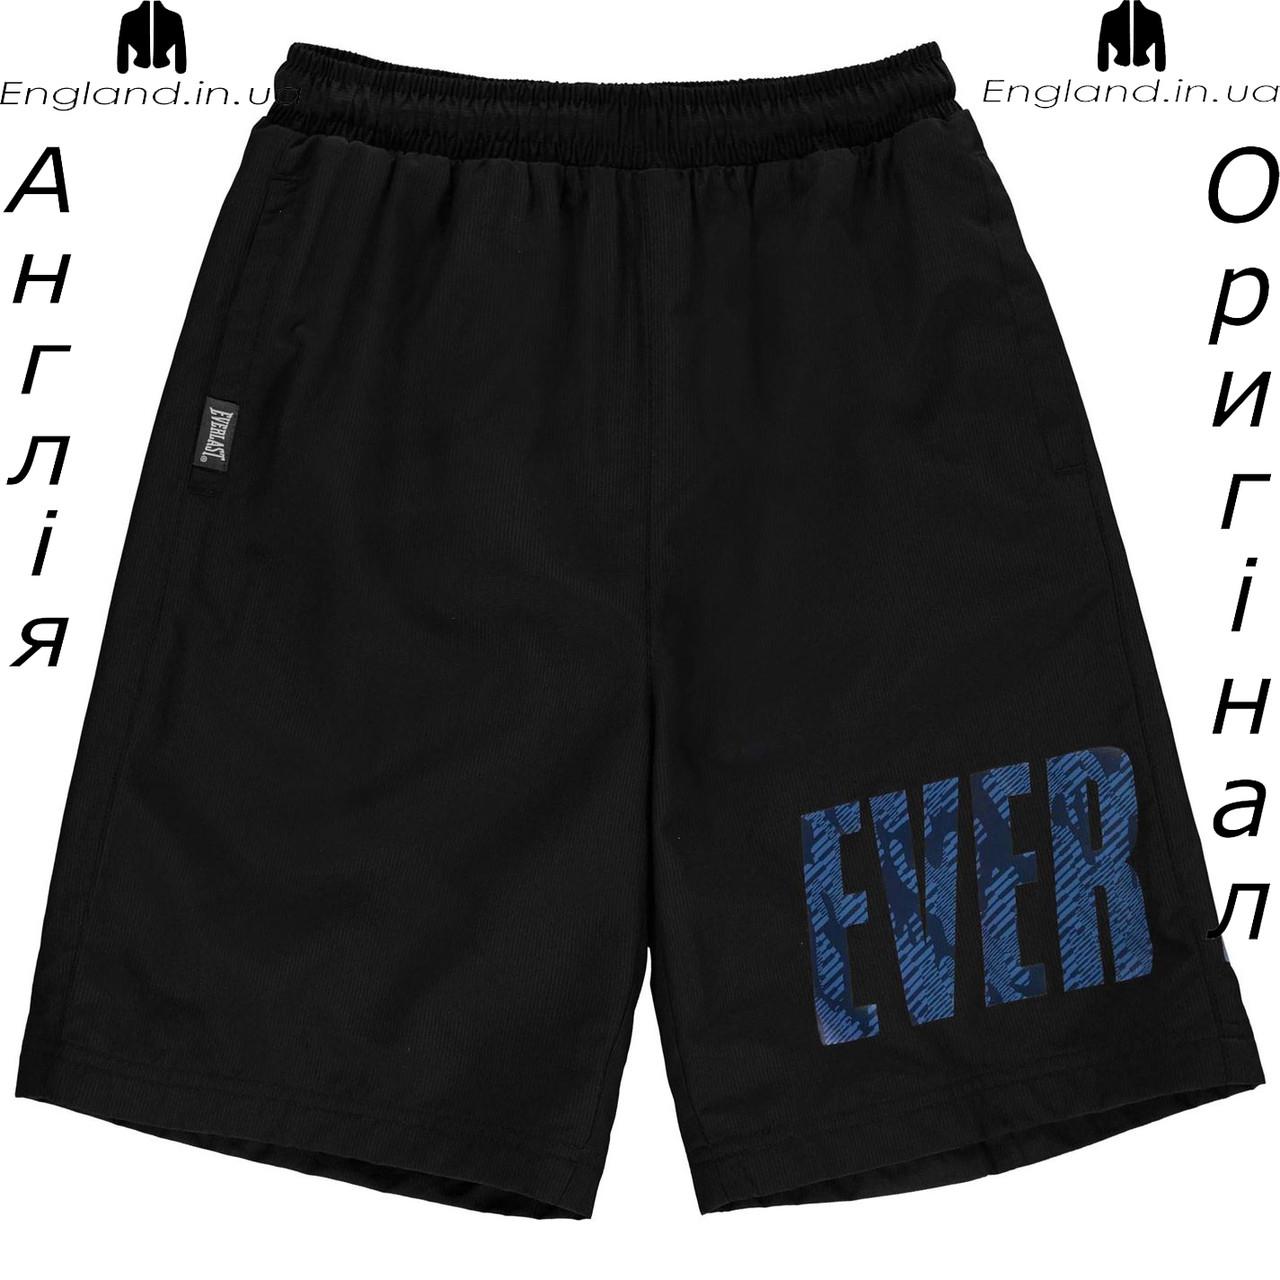 Шорты Everlast из Англии для мальчиков 2-14 лет -  для тренеровок черные